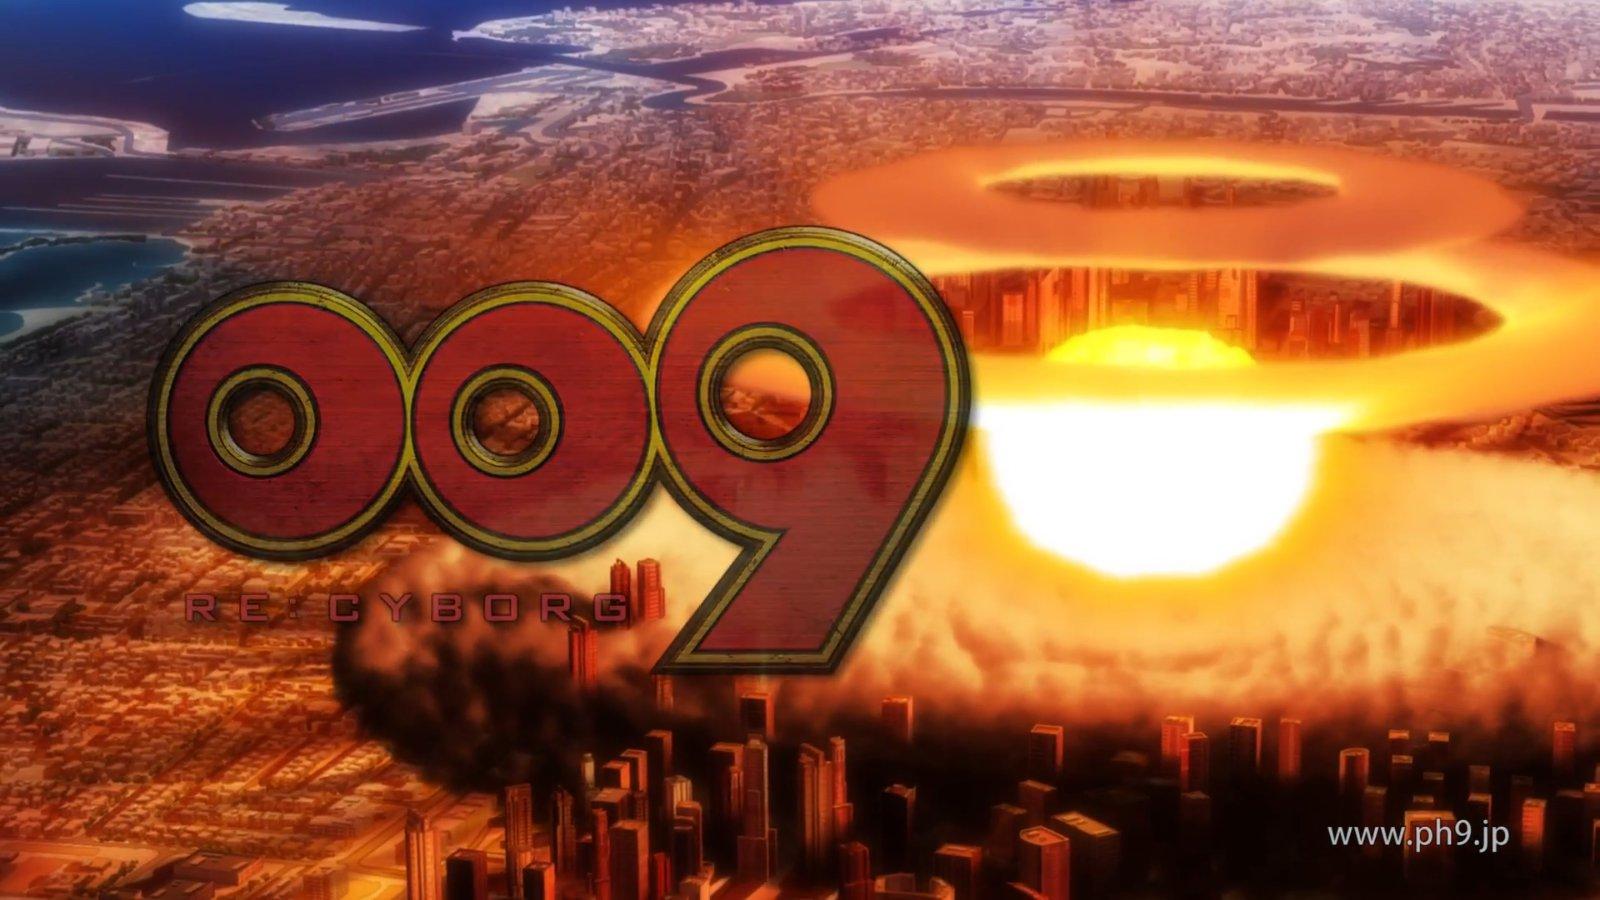 igor_queiroz_009_re_cyborg.28.09